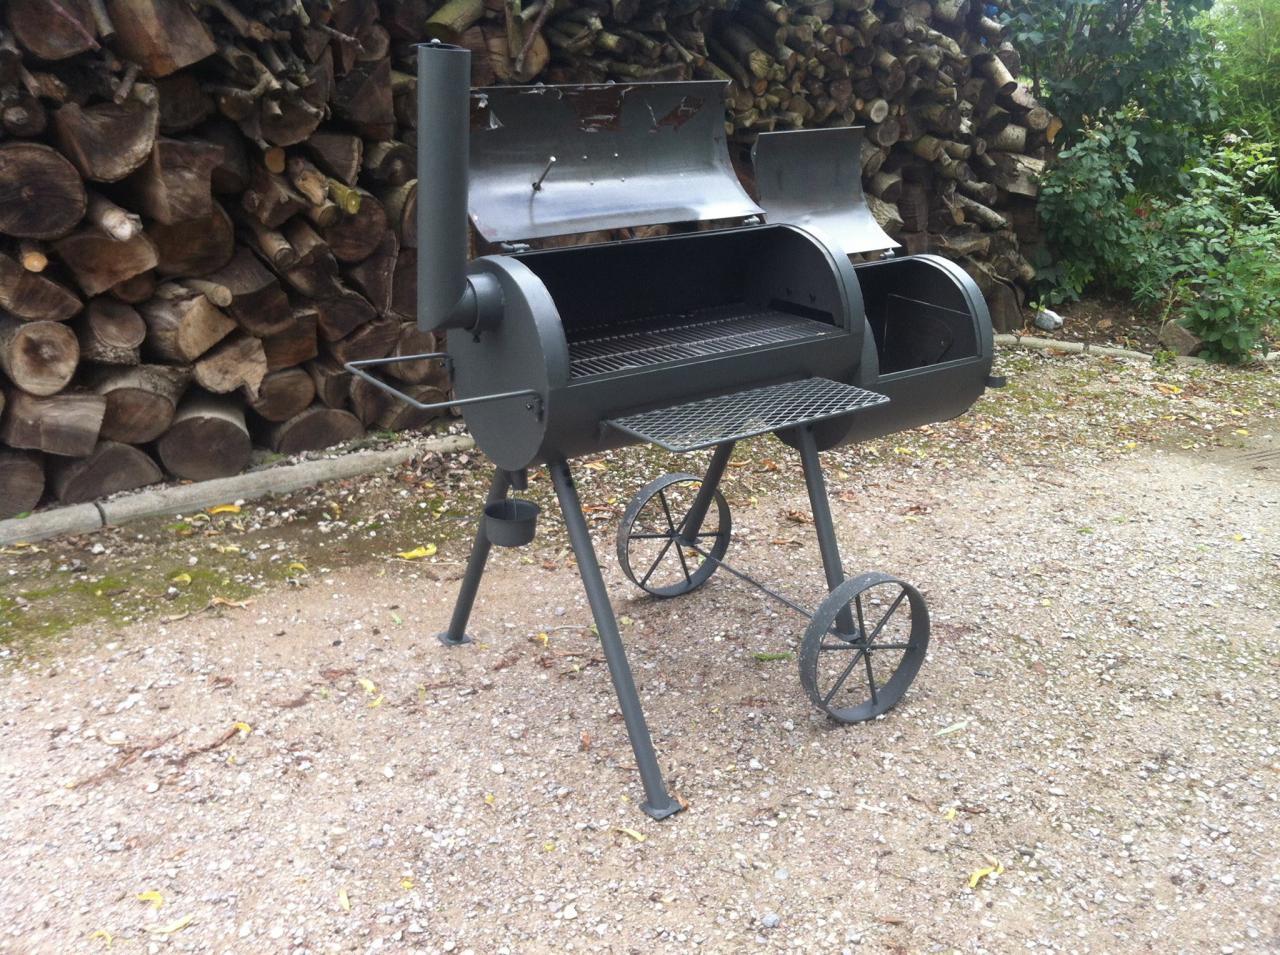 Fumoir ou Barbecu en location à partir de 50.00€